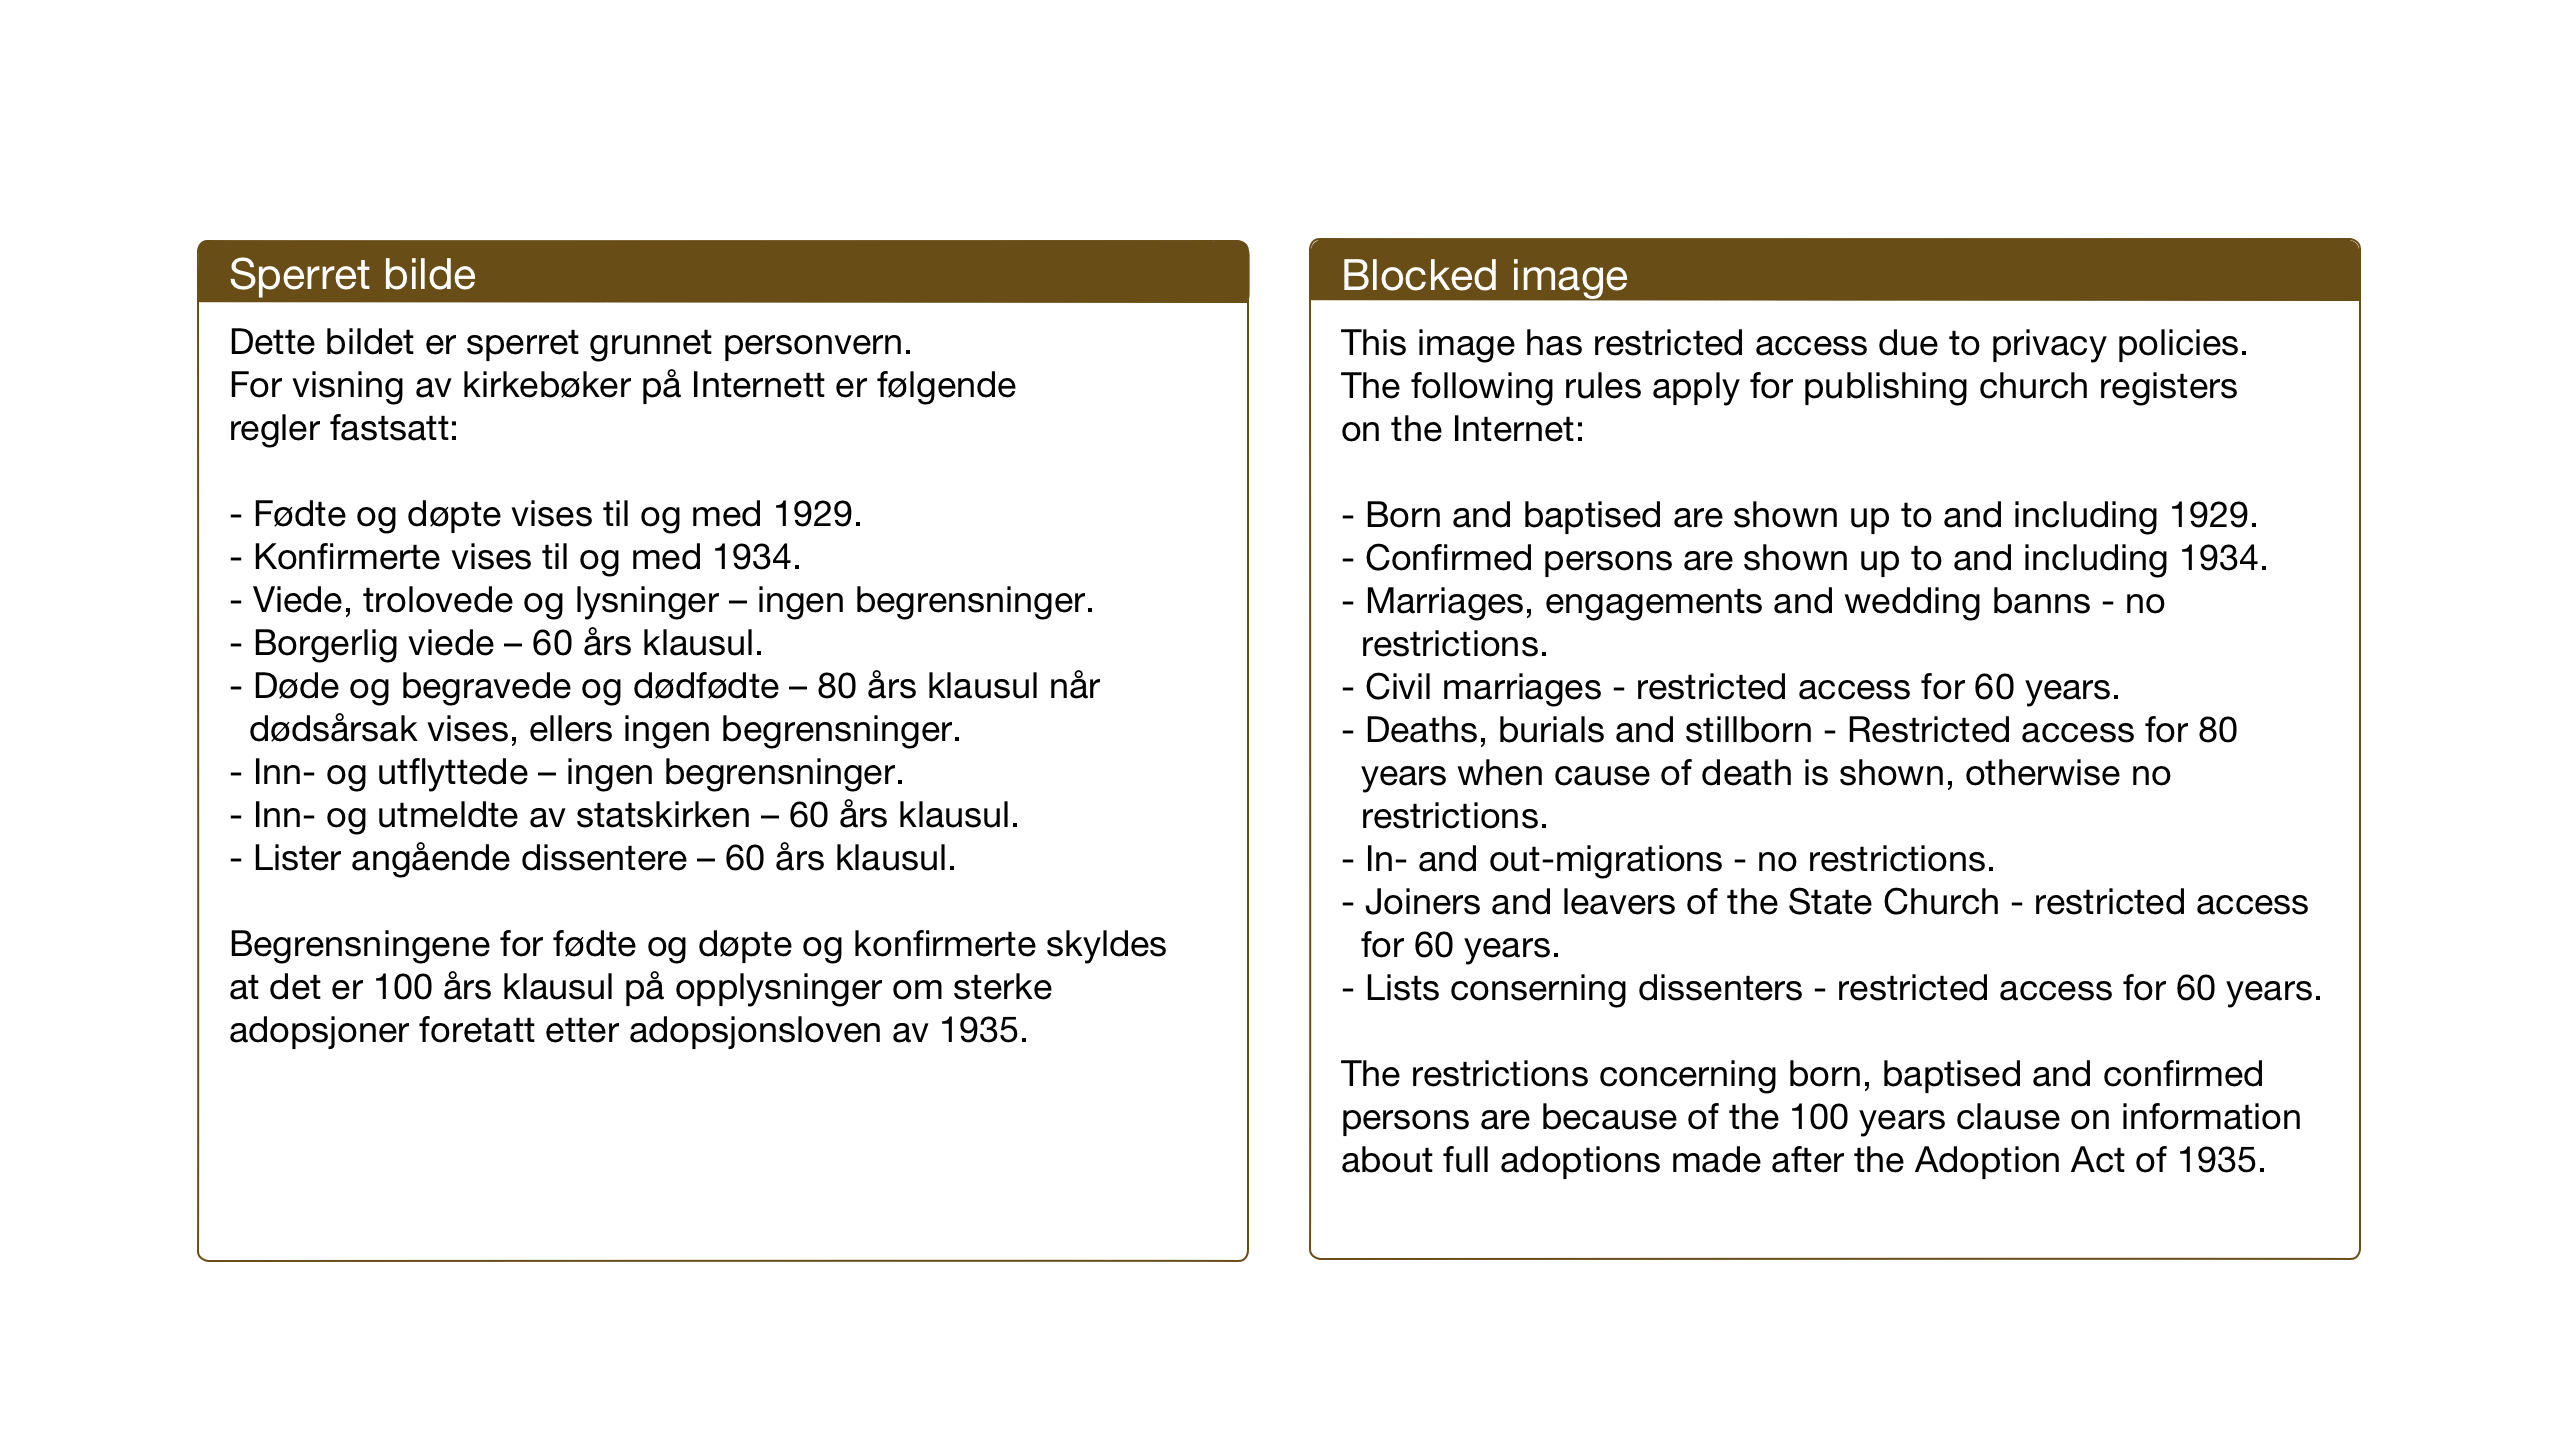 SAT, Ministerialprotokoller, klokkerbøker og fødselsregistre - Sør-Trøndelag, 630/L0508: Klokkerbok nr. 630C06, 1933-1950, s. 31